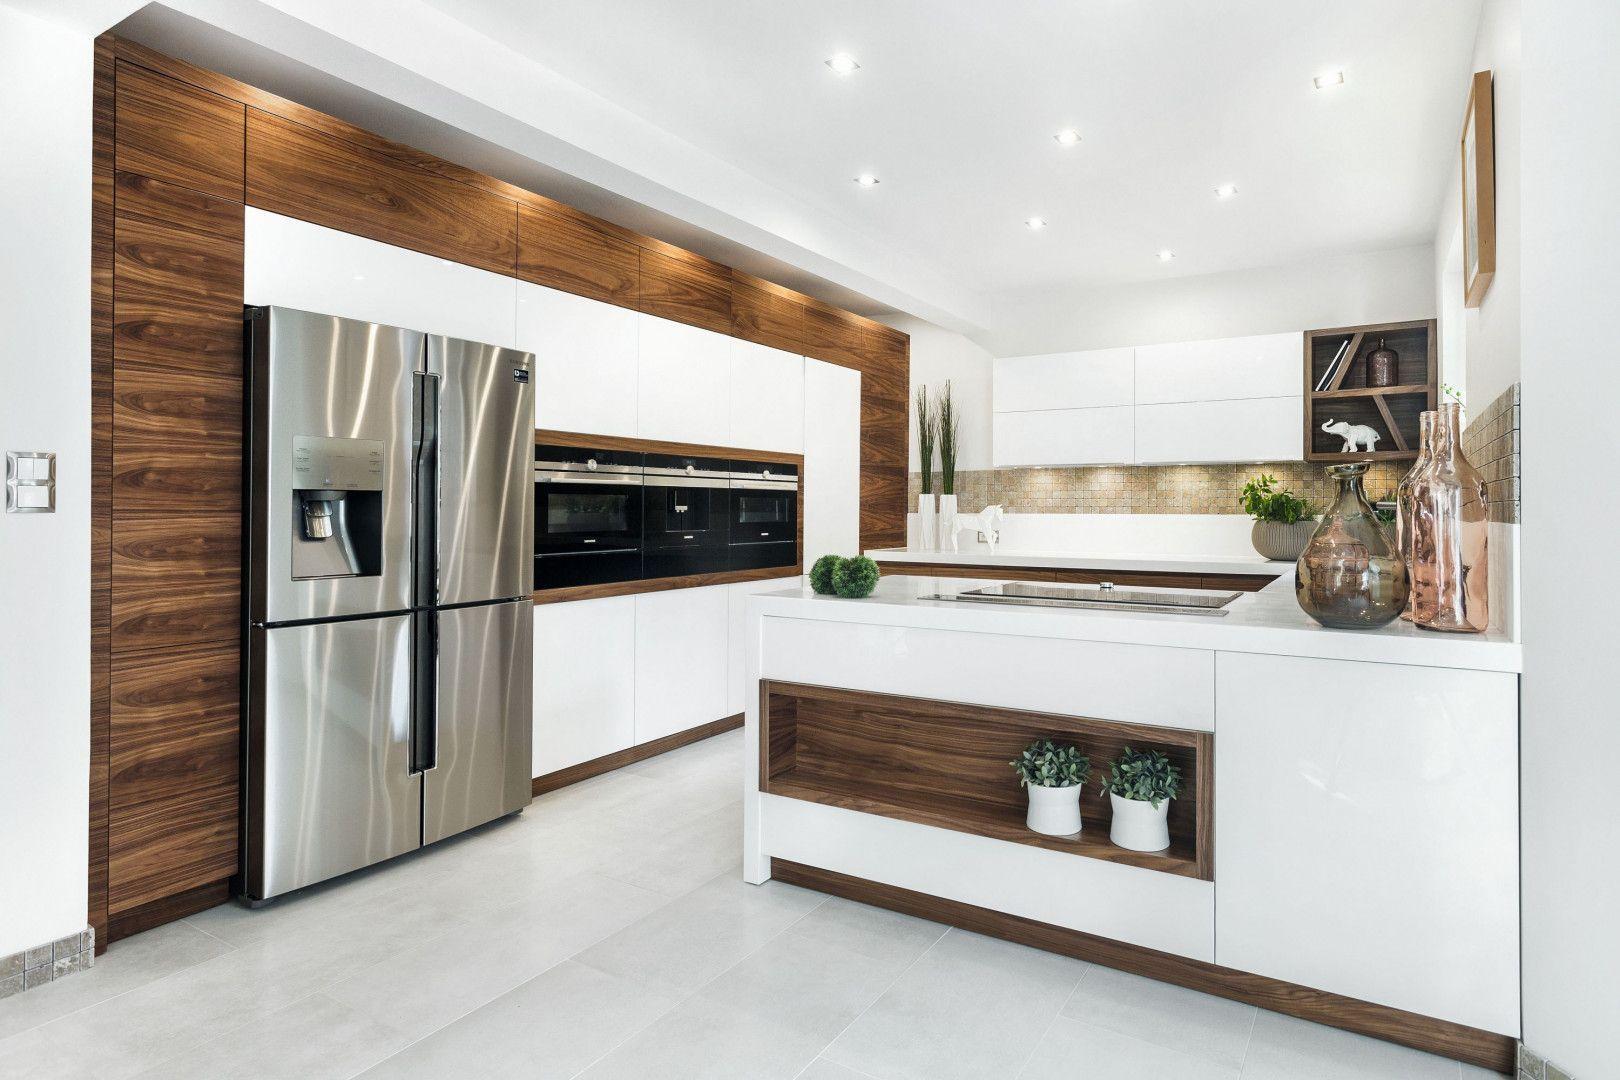 Wysoka Zabudowa W Kuchni Projekt Meble Vigo Fot Meble Vigo Kitchen Window Design European Kitchen Design Simple Kitchen Design